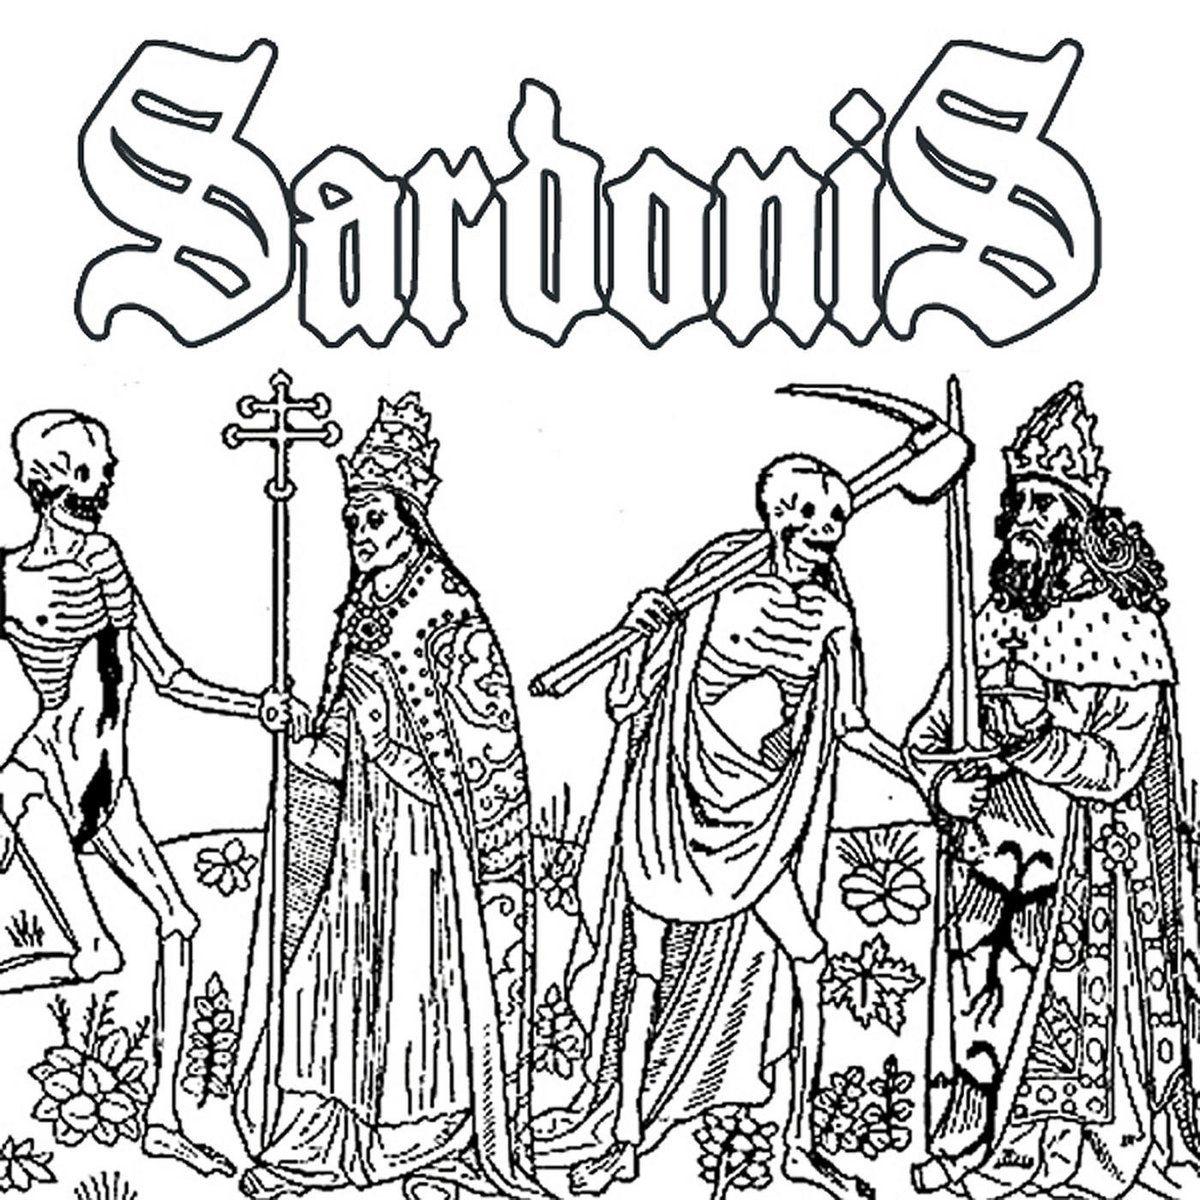 SardoniS - SardoniS front cover